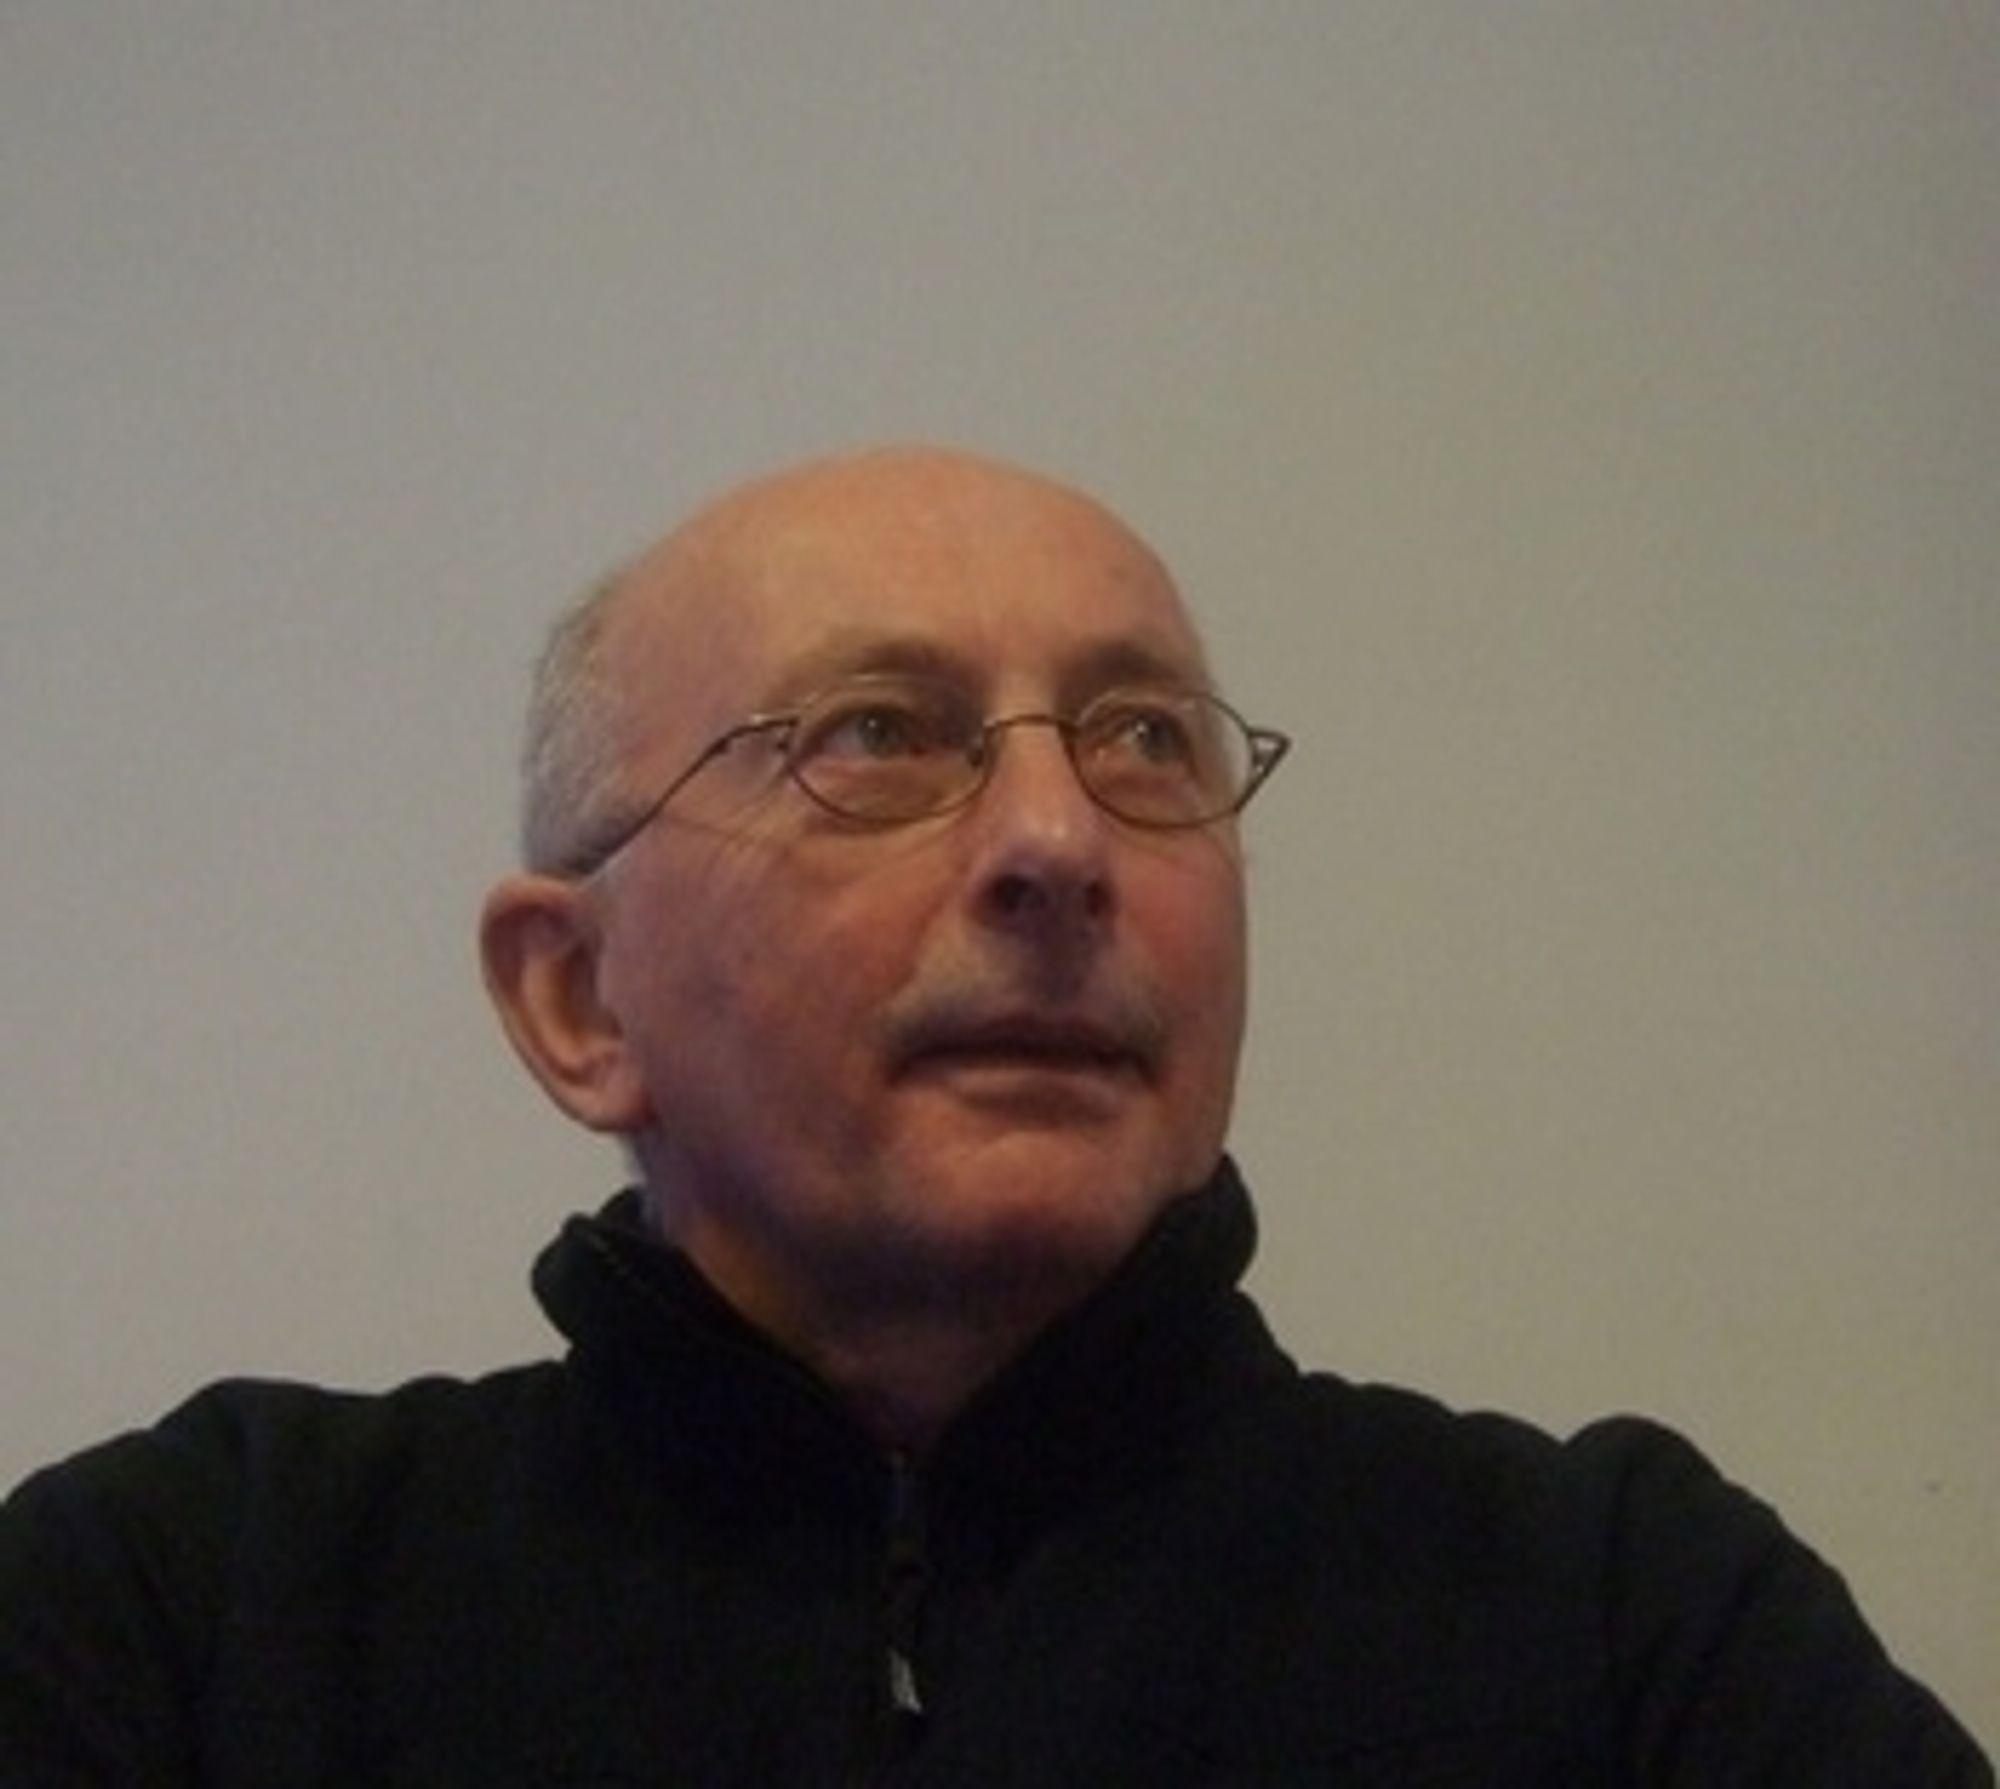 KRITISK: Professor Steinar Strøm mener at utskifting av panelovner er ikke en optimal klimapolitikk,